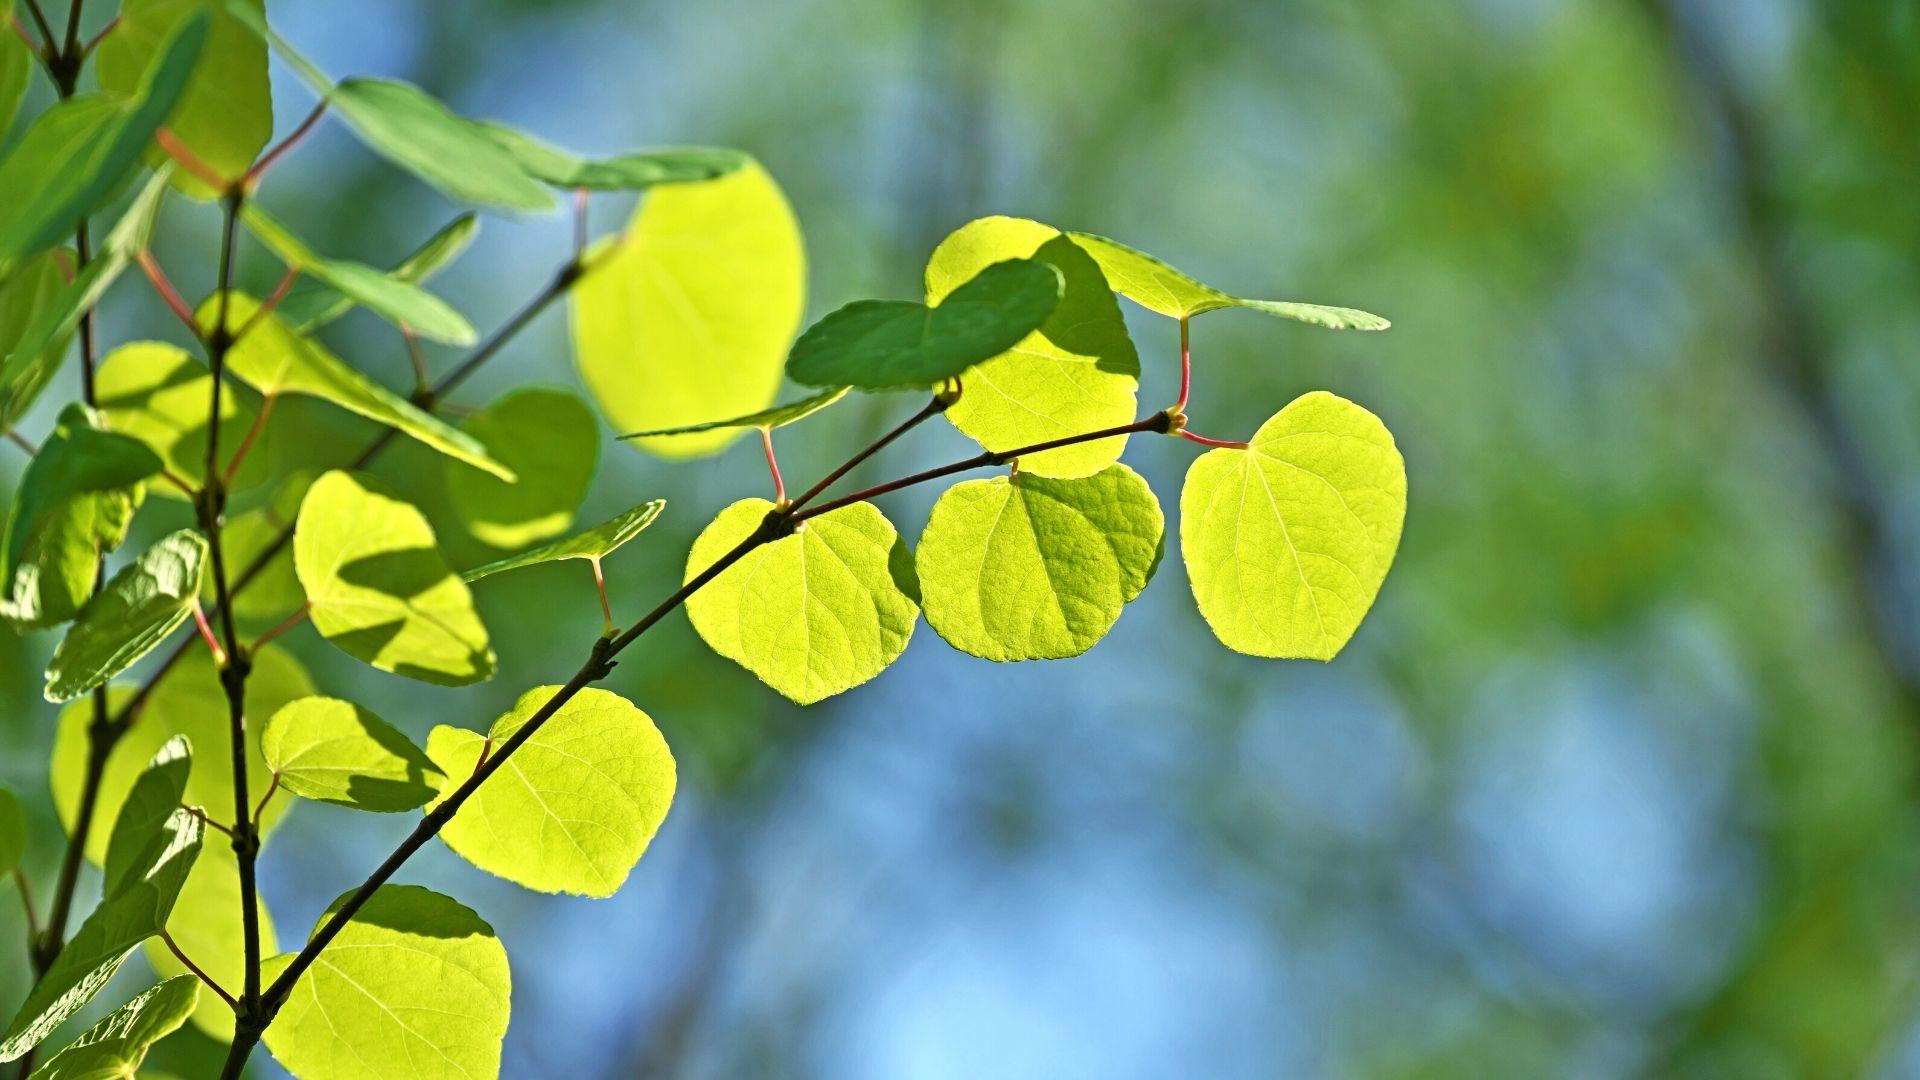 L'arbre de Katsura se nomme aussi arbre caramel